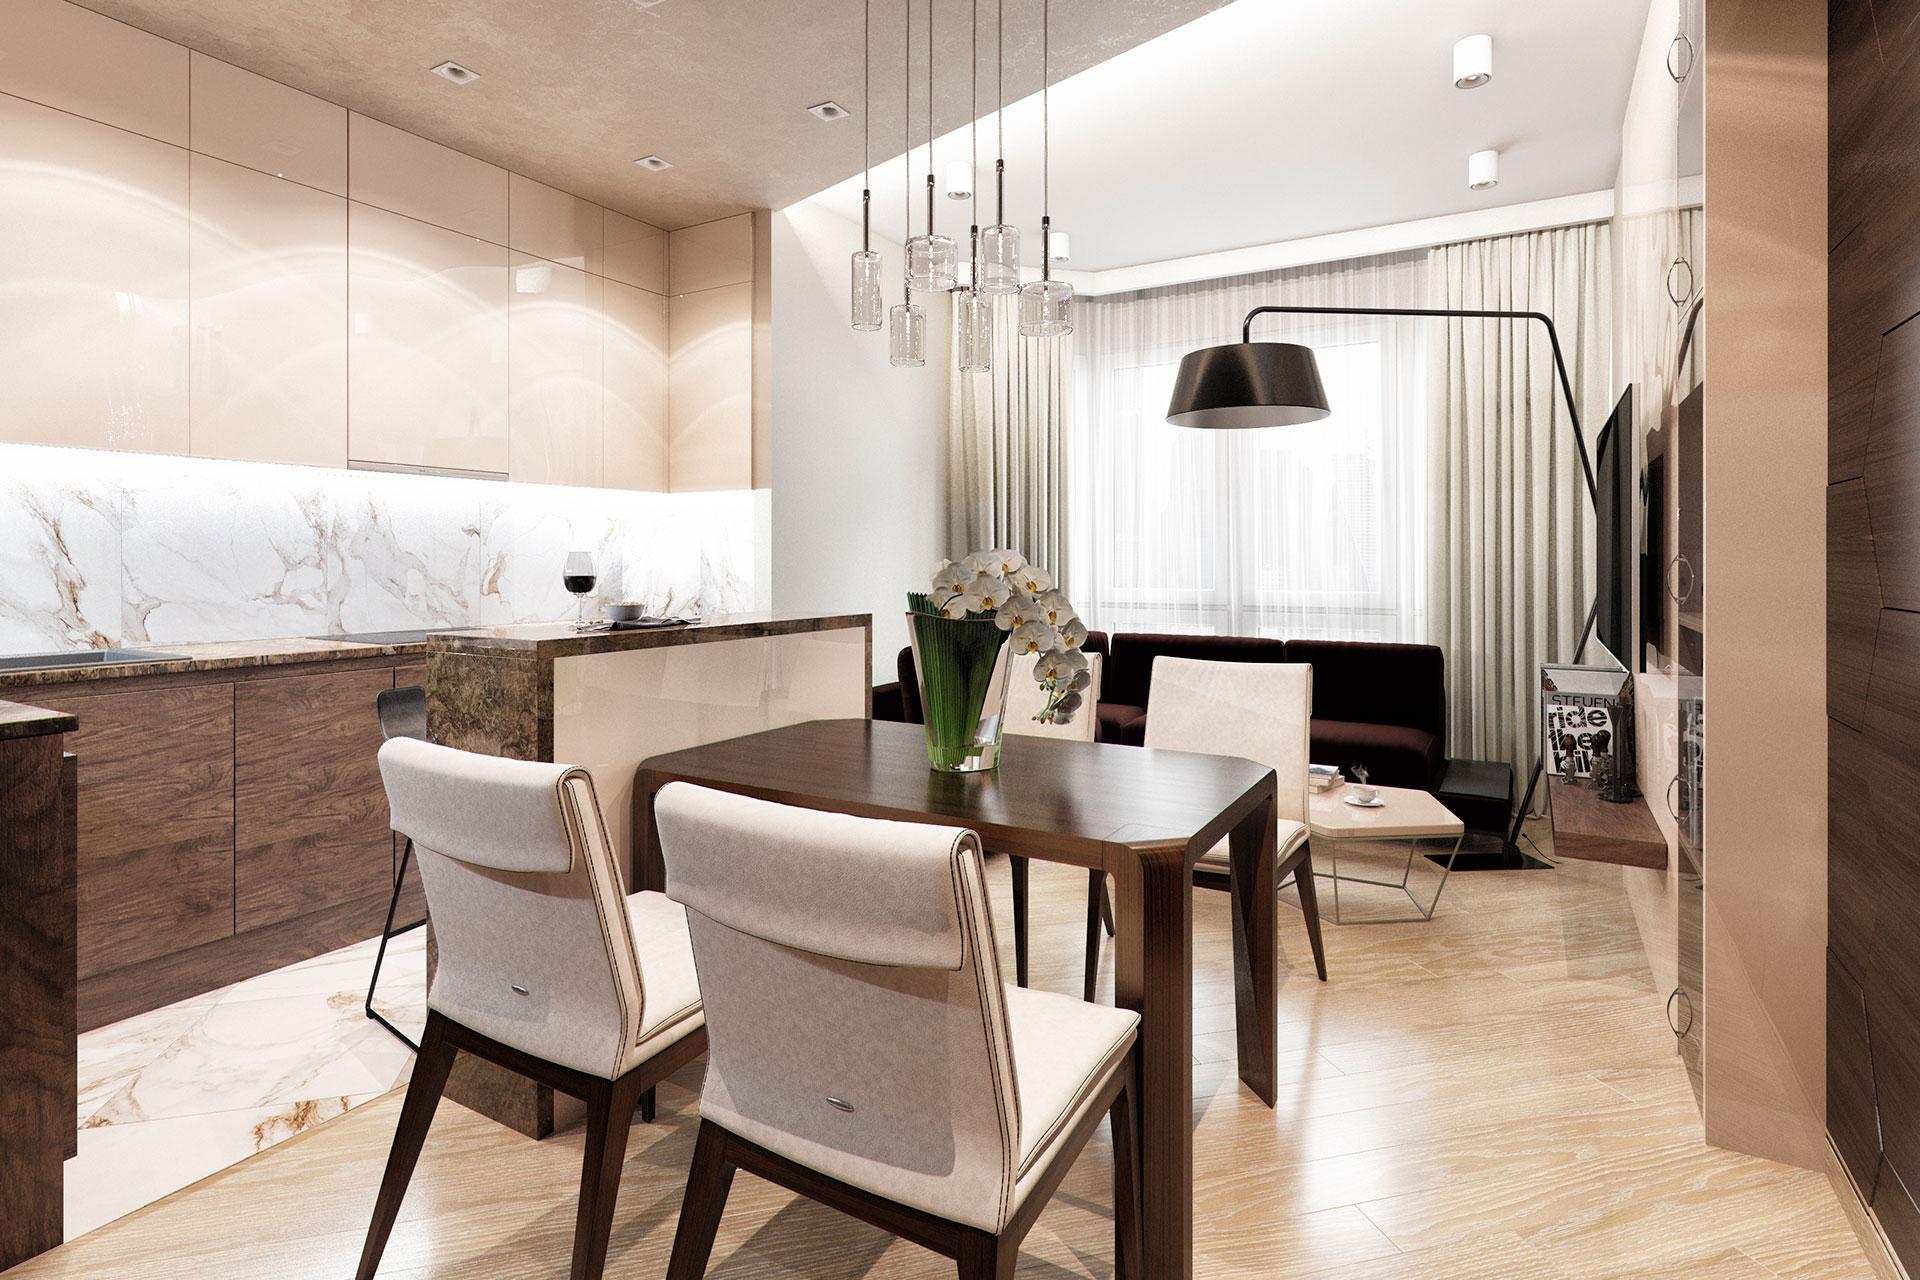 Современный стиль дизайна интерьера квартиры